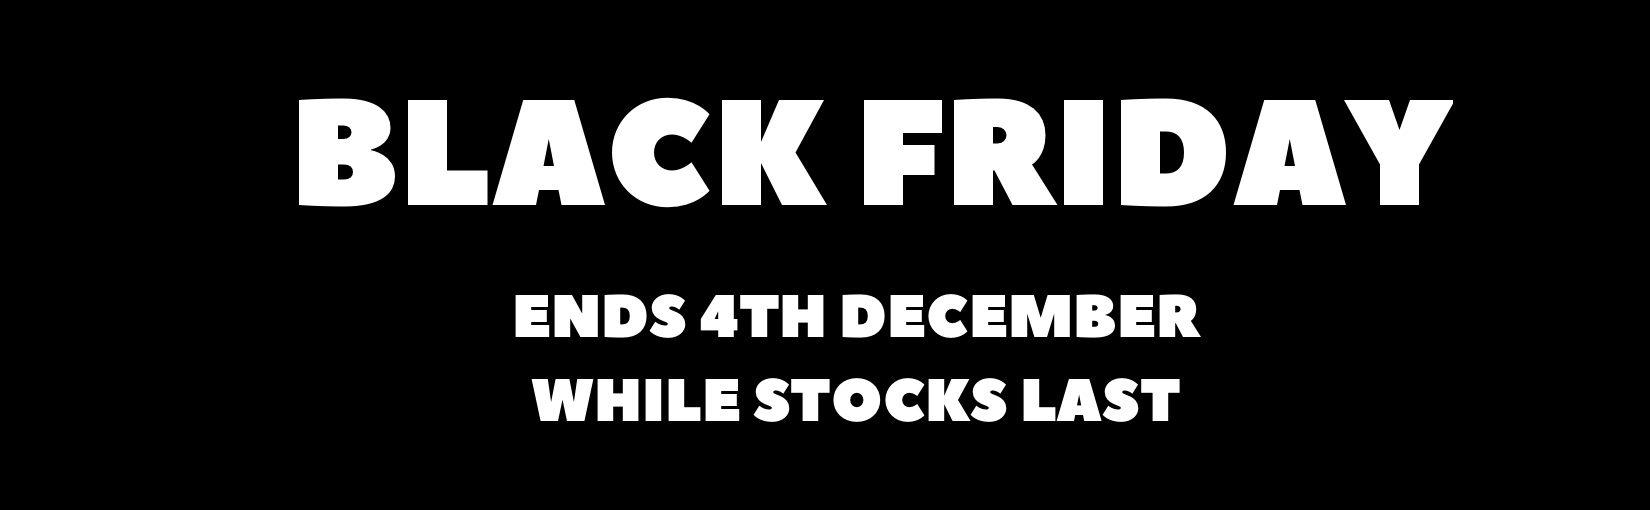 1650X510 Black Friday End 4Th